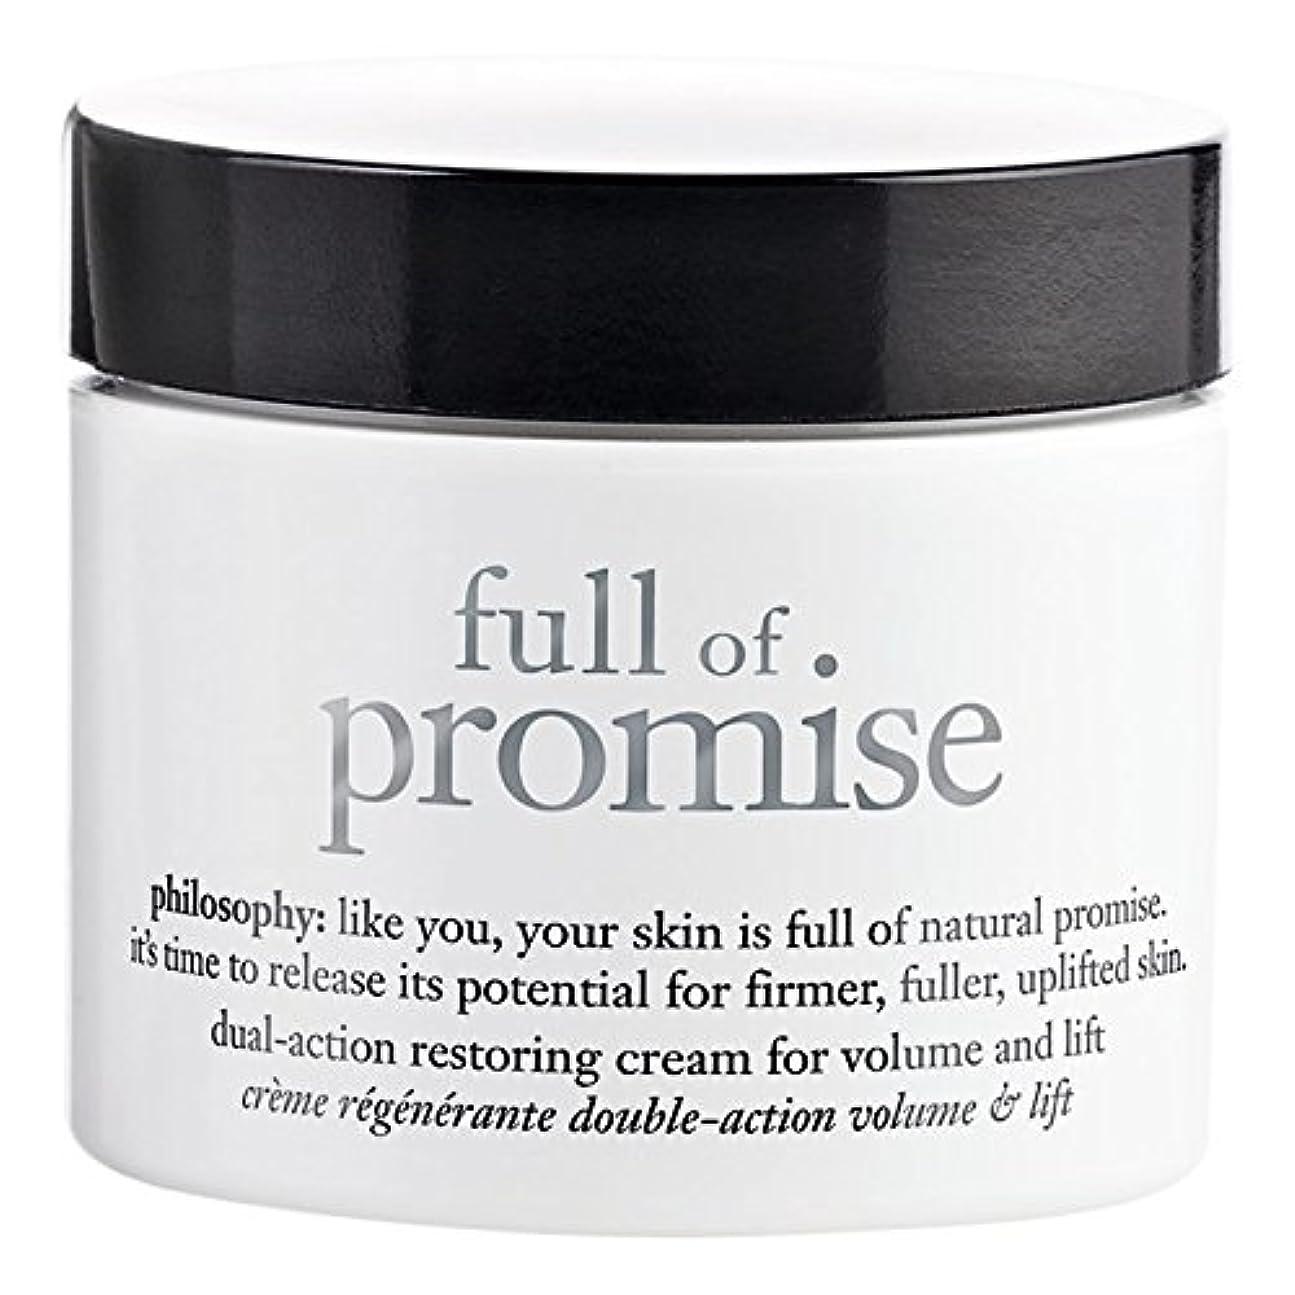 フレッシュフライトコウモリクリームを復元するデュアルアクション?約束の完全な哲学、60ミリリットル (Philosophy) (x2) - Philosophy Full of Promise? Dual Action Restoring Cream, 60ml (Pack of 2) [並行輸入品]